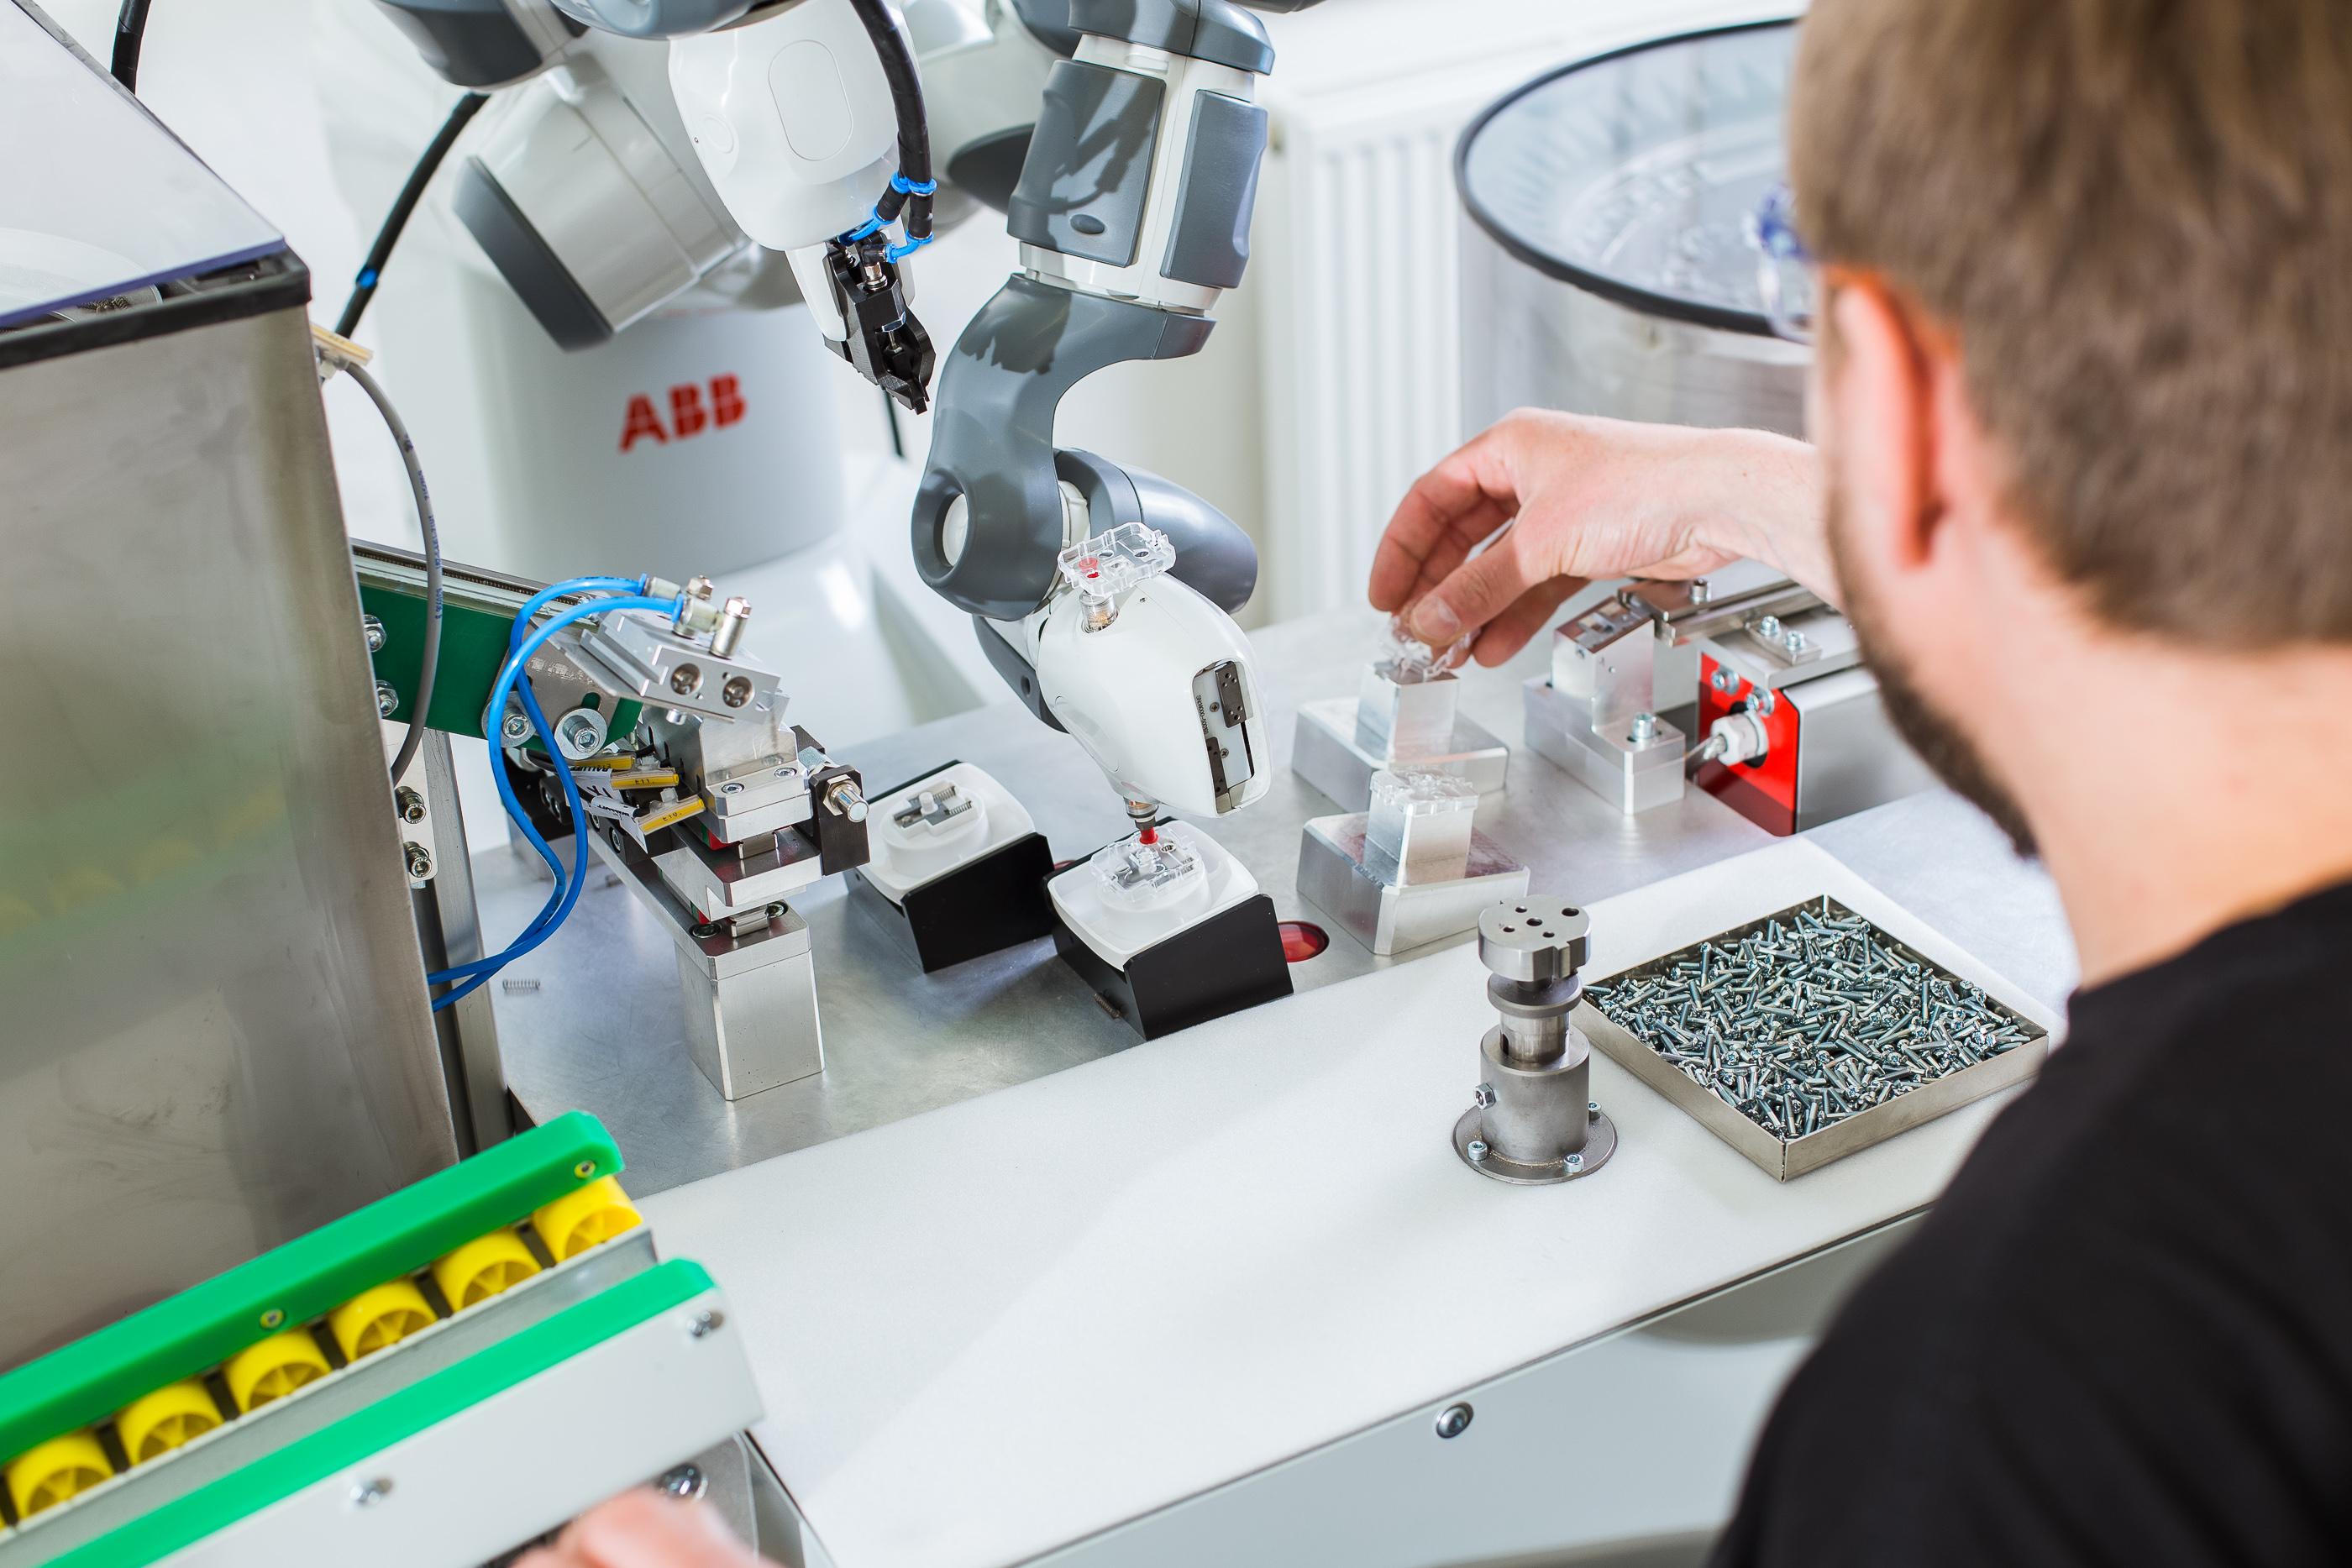 Der kollaborative Zweiarmroboter YuMi lässt sich flexibel und einfach in den Produktionsprozess integrieren. (Bild: ABB Automation GmbH)